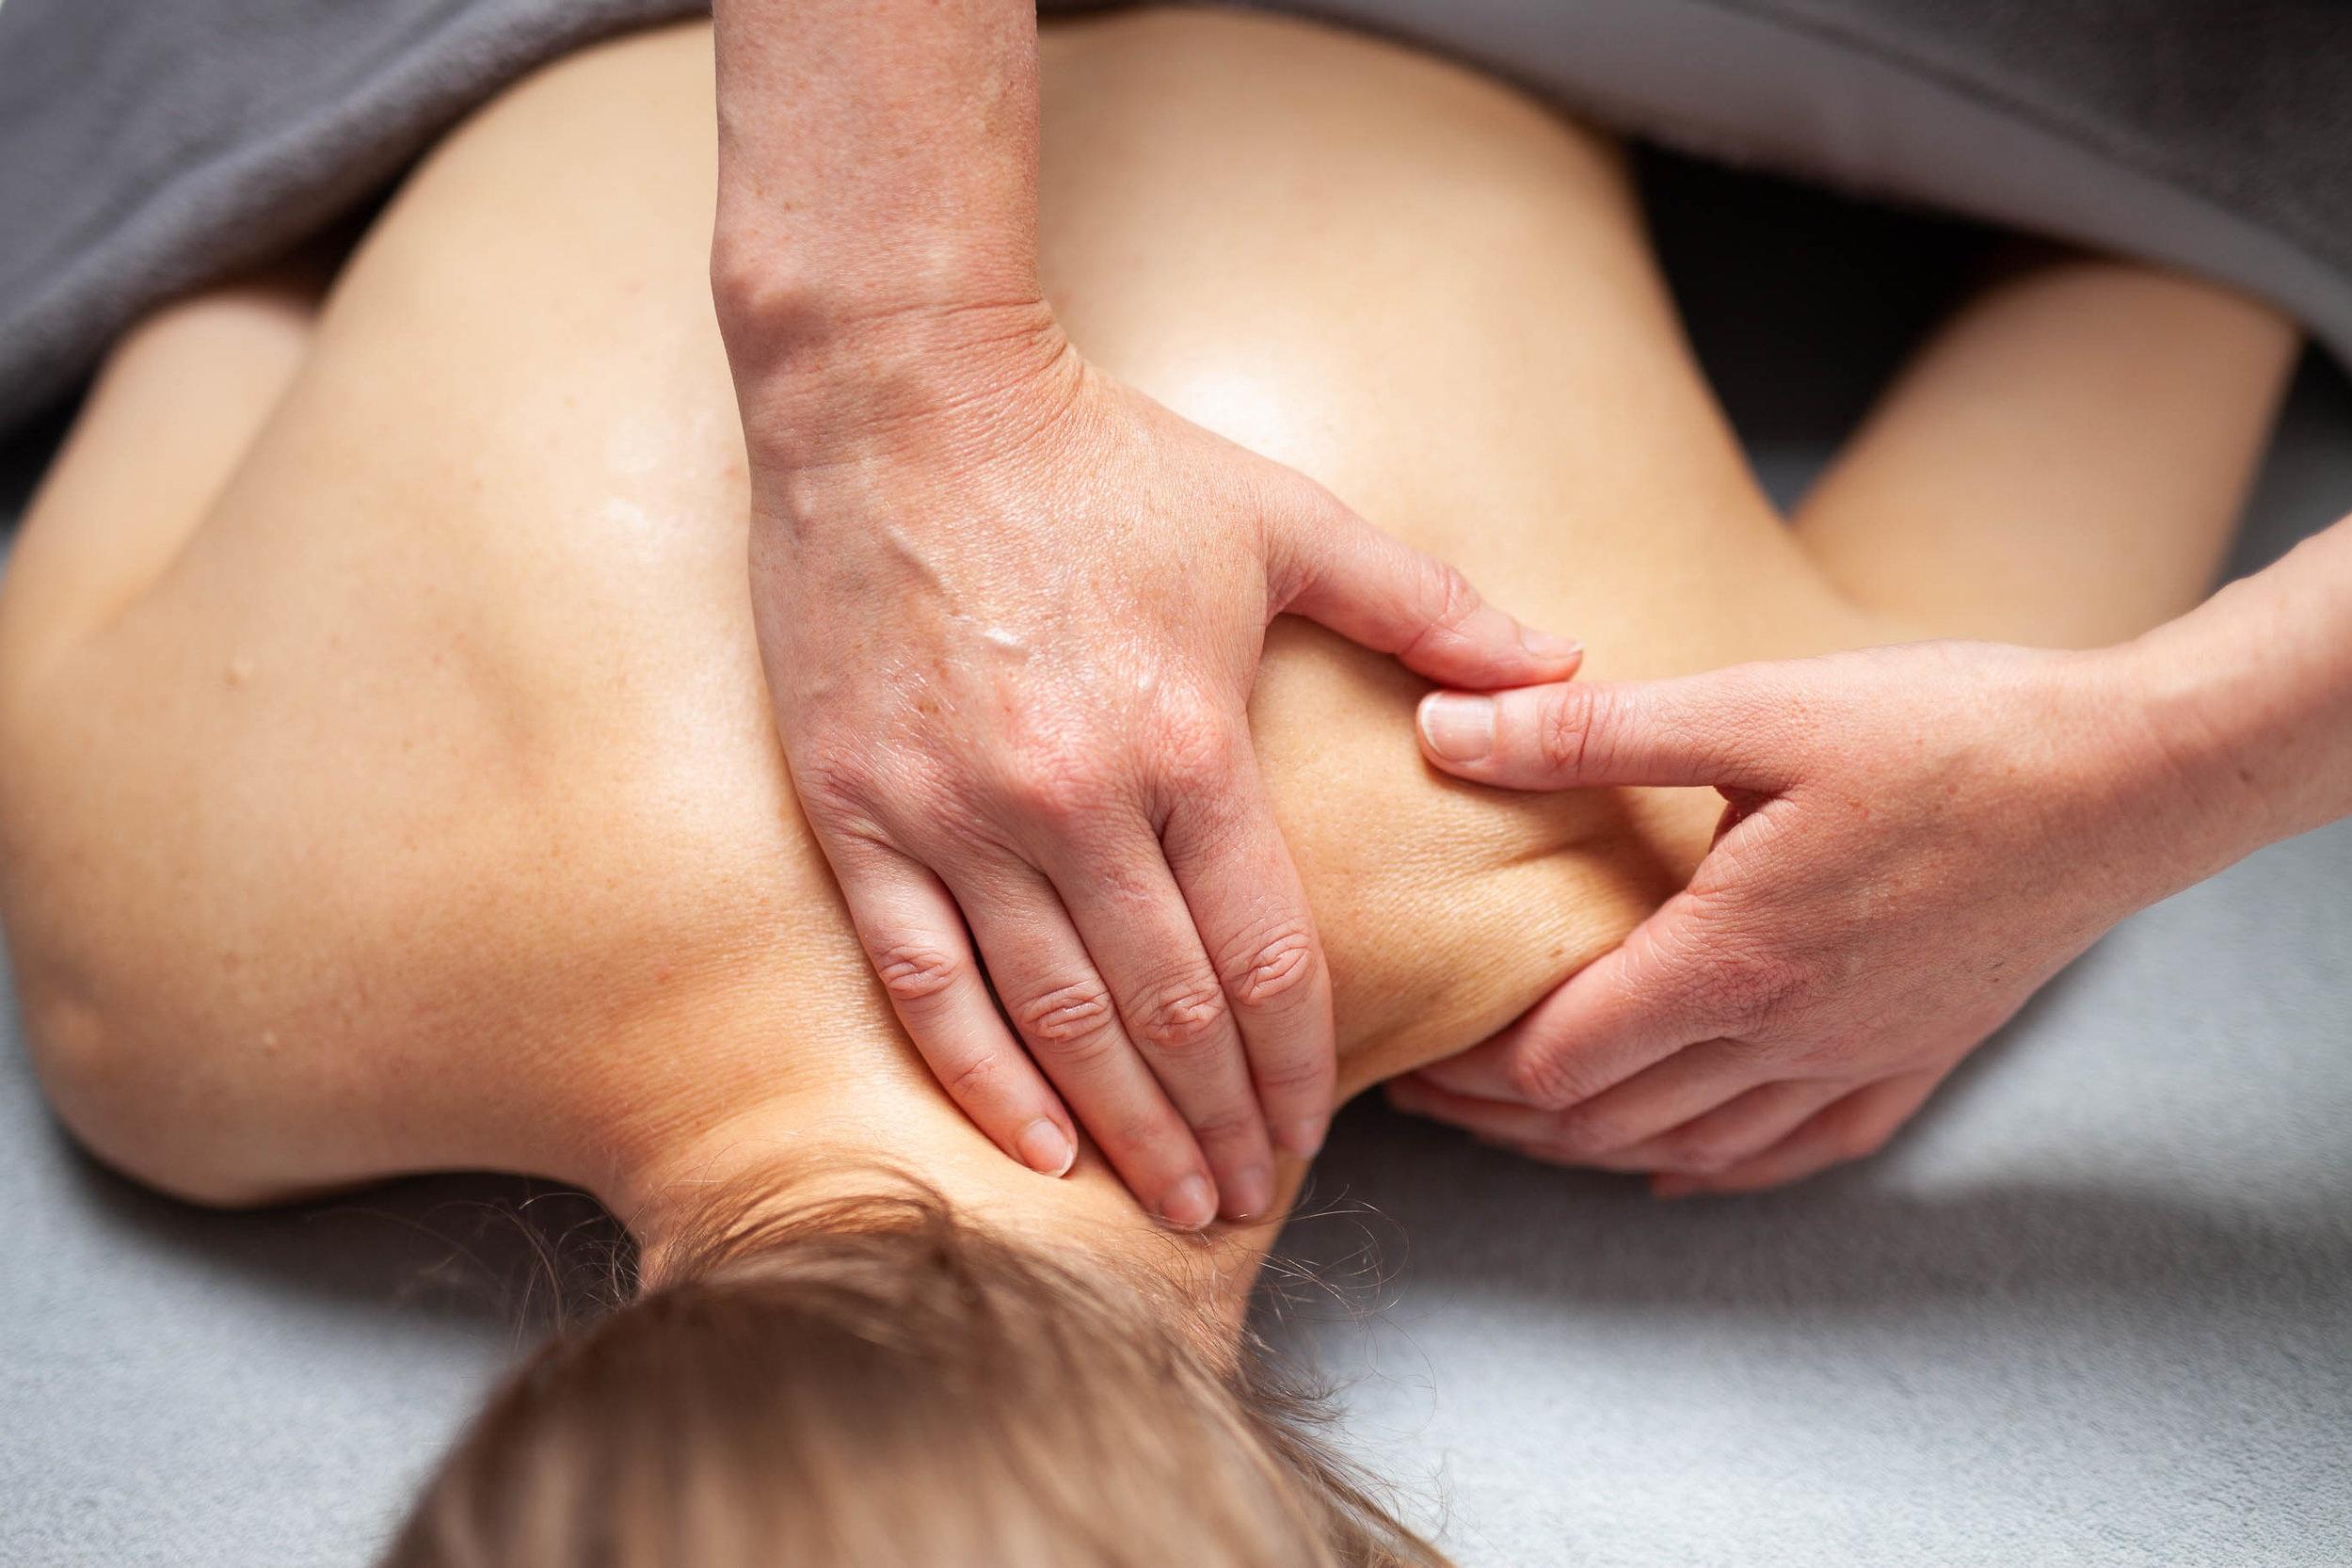 %C2%A9natashabidgood-lisa-massage-6529.jpg